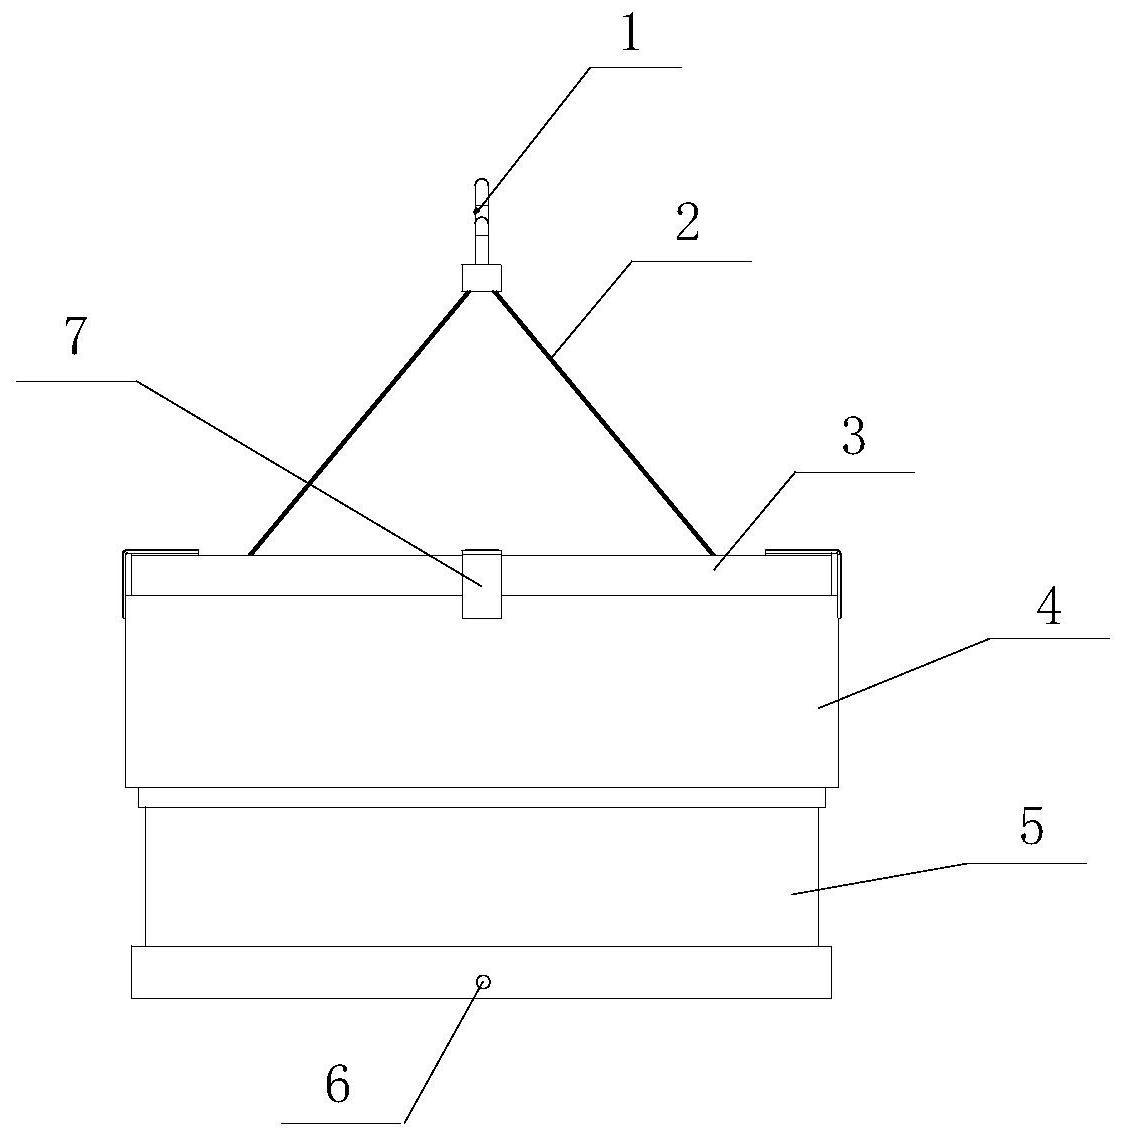 适用于冬季混凝土施工的保暖装置及保暖方法